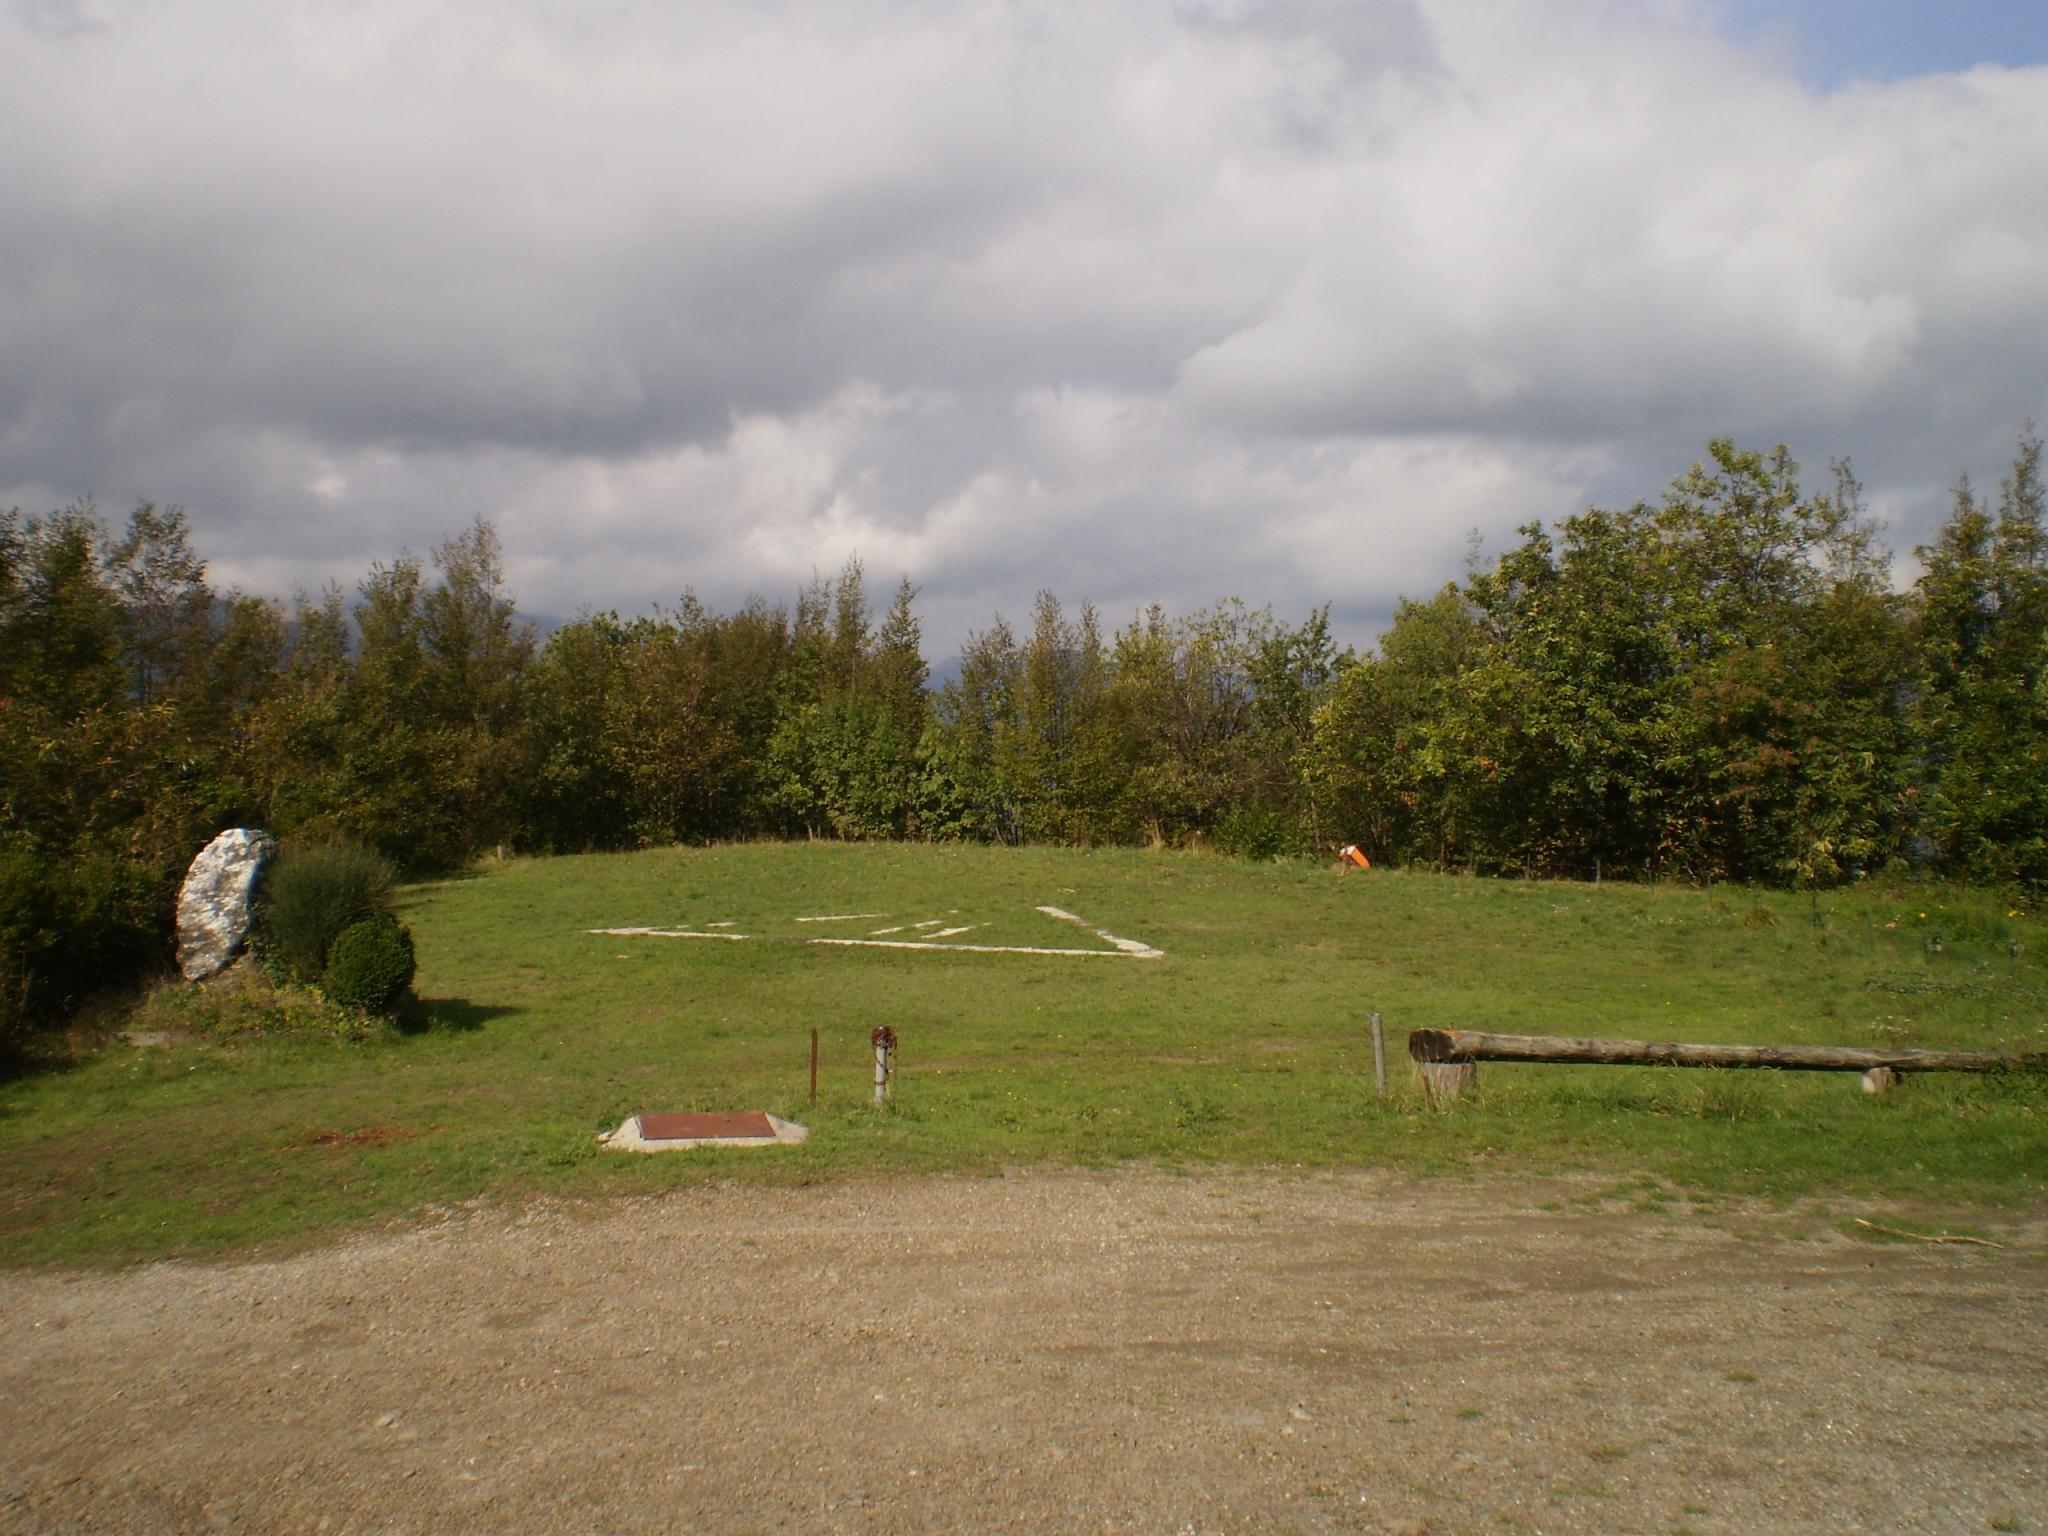 Panoramica area di atterraggio